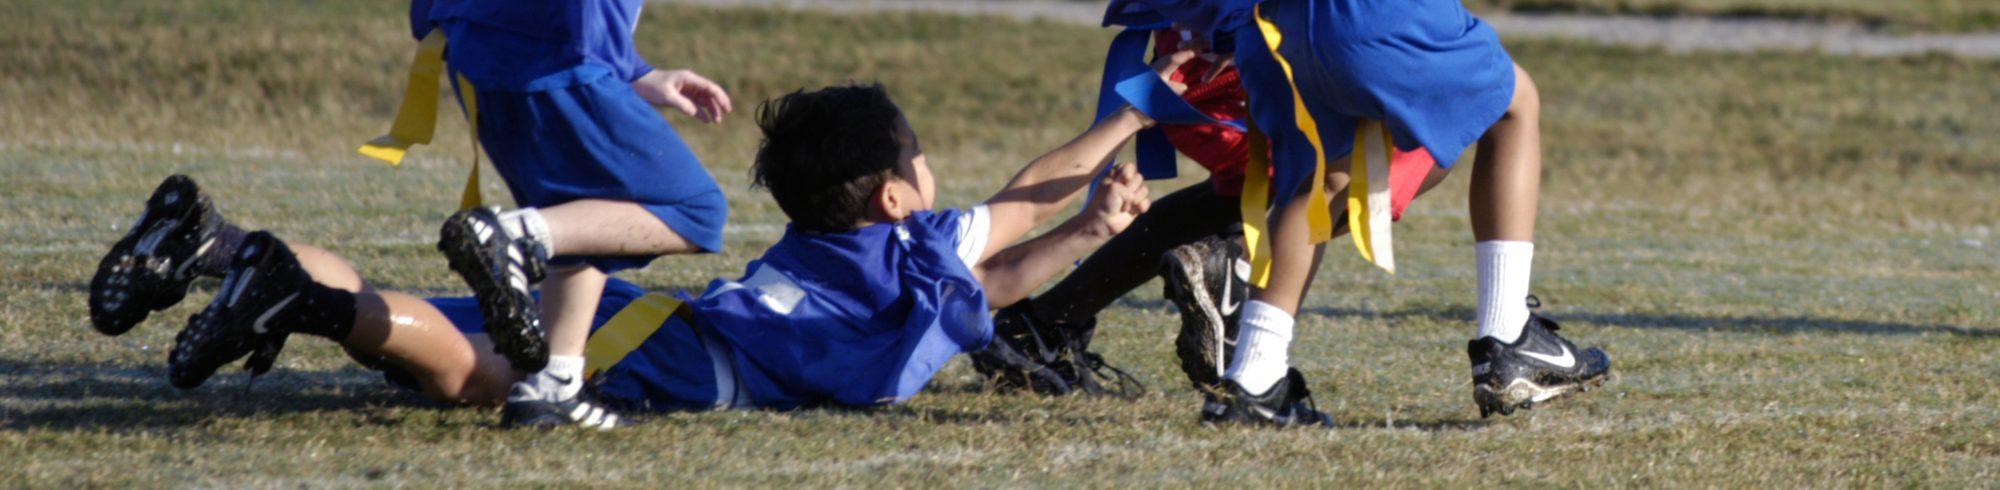 kids playing flag football